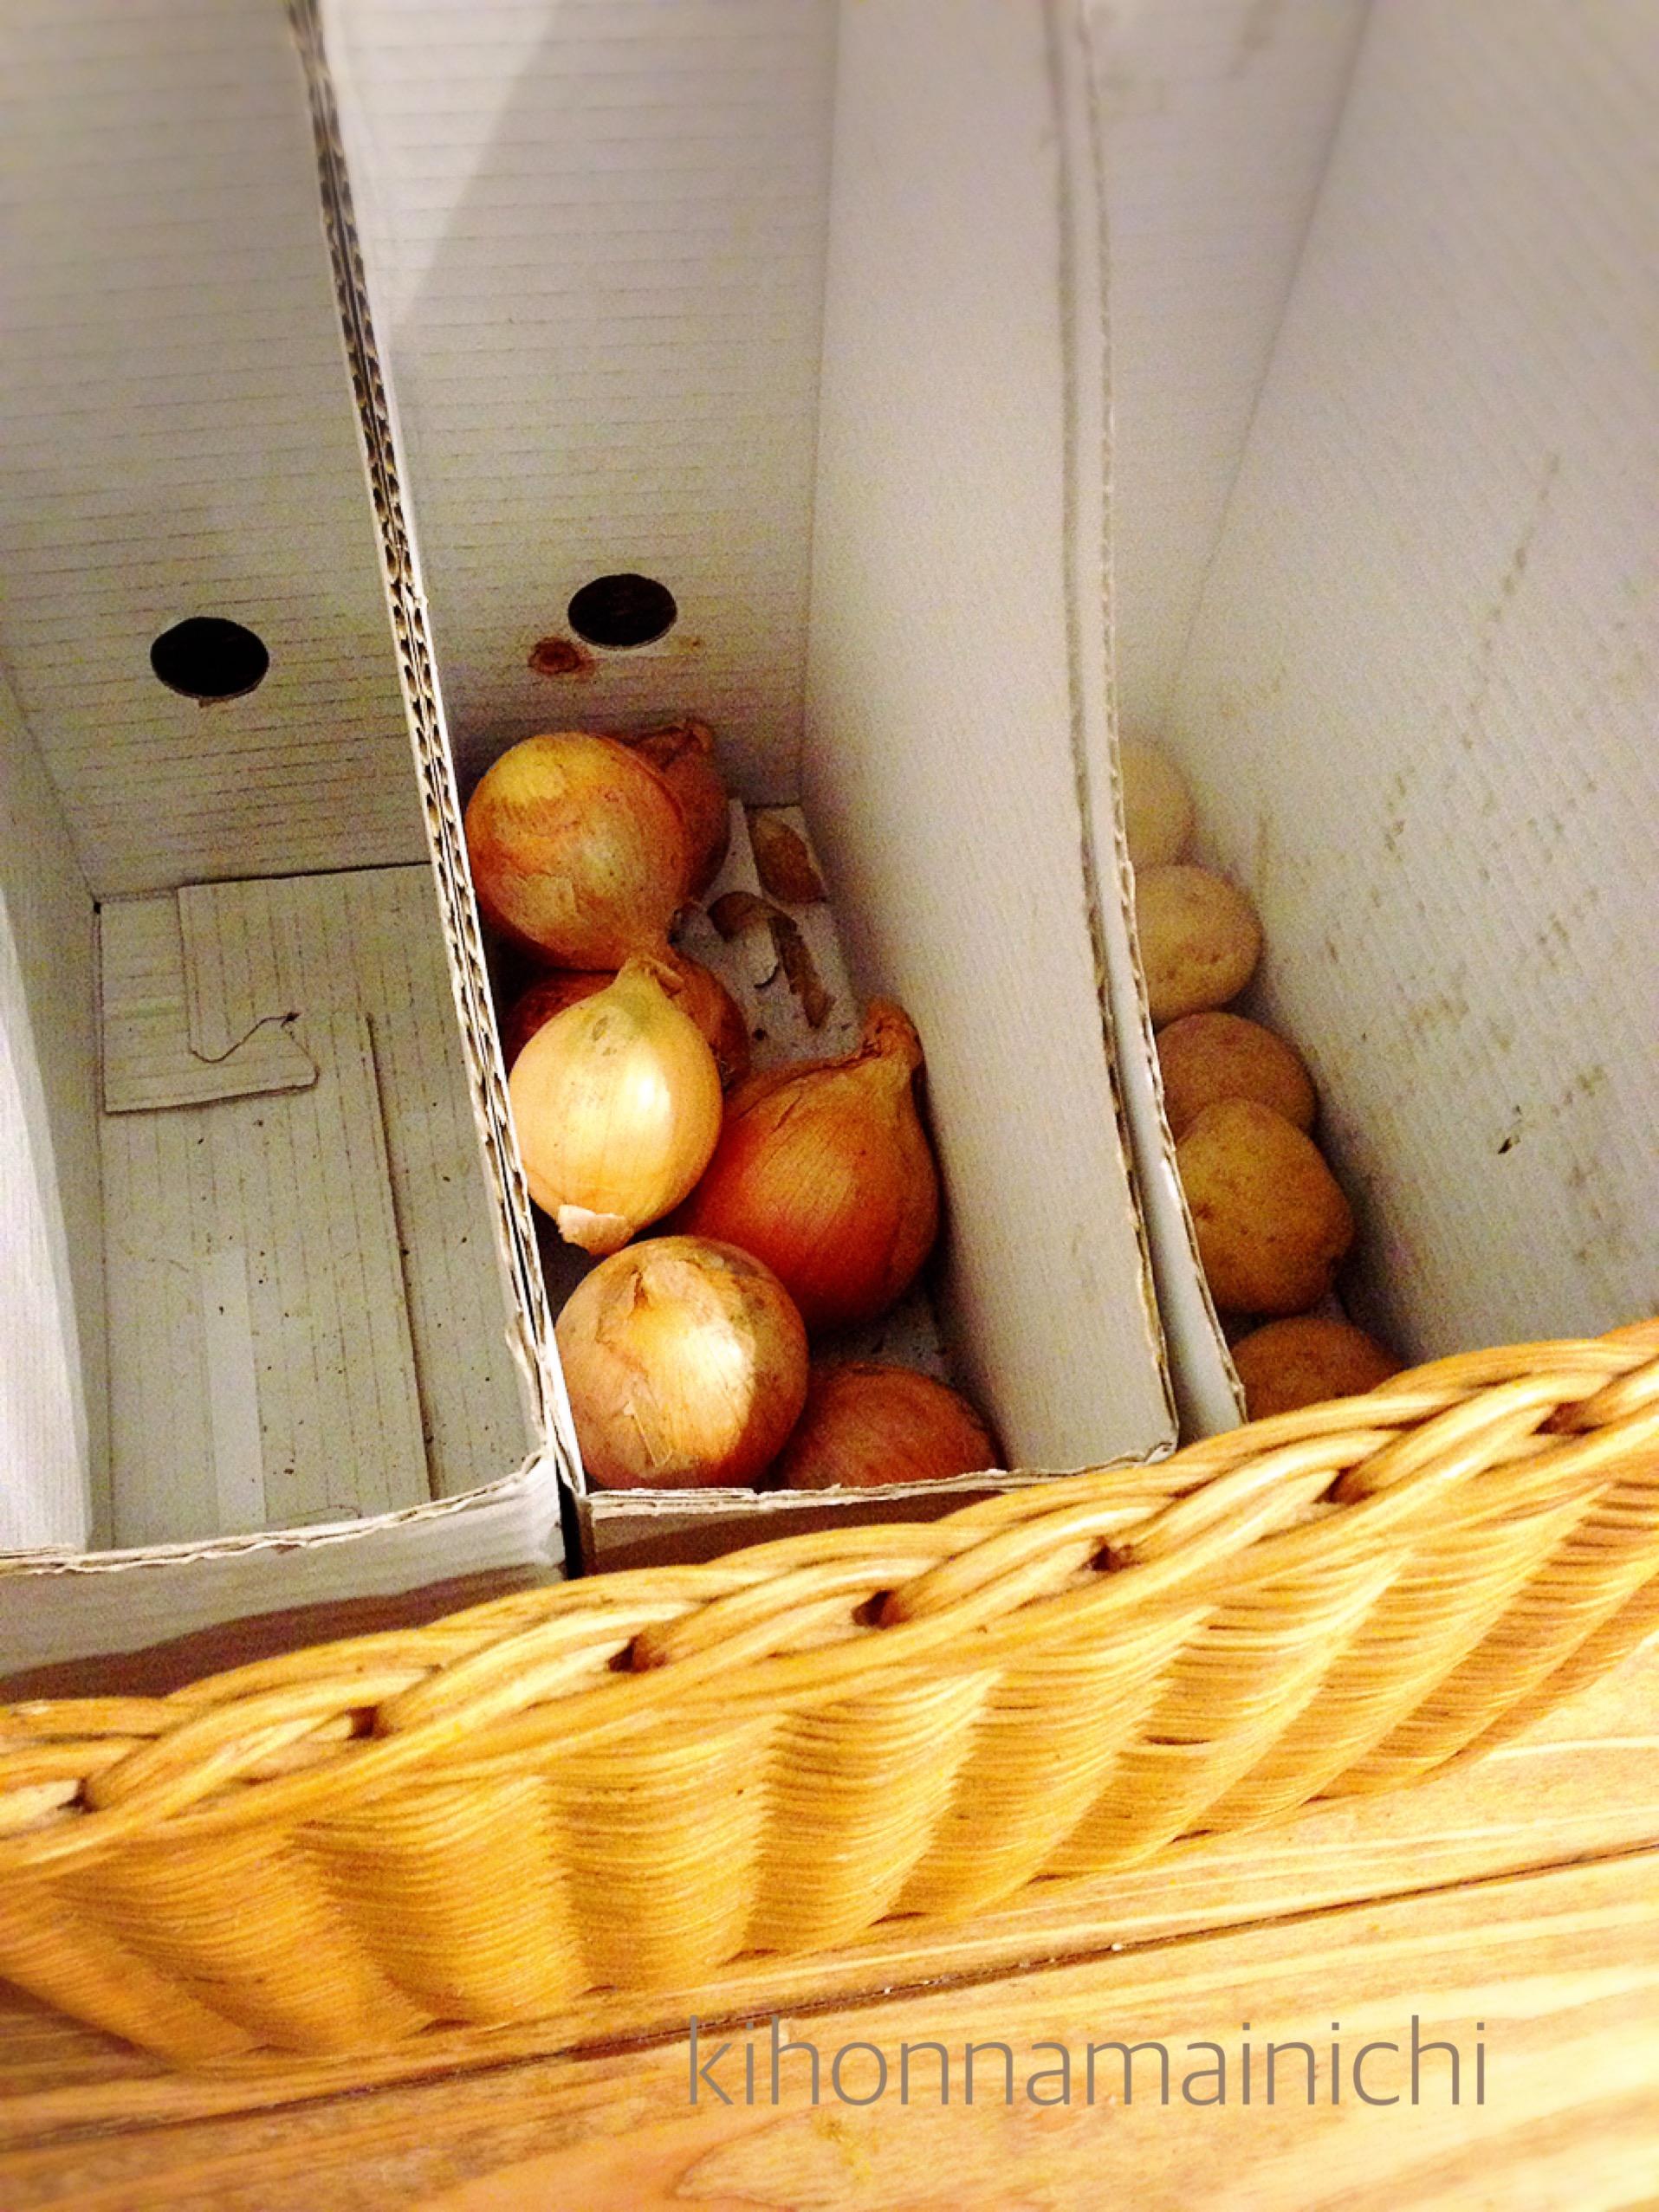 【野菜の収納】は紙ファイルボックスを使用すると、在庫量が把握しやすく、泥がついてても安心な収納技を公開。